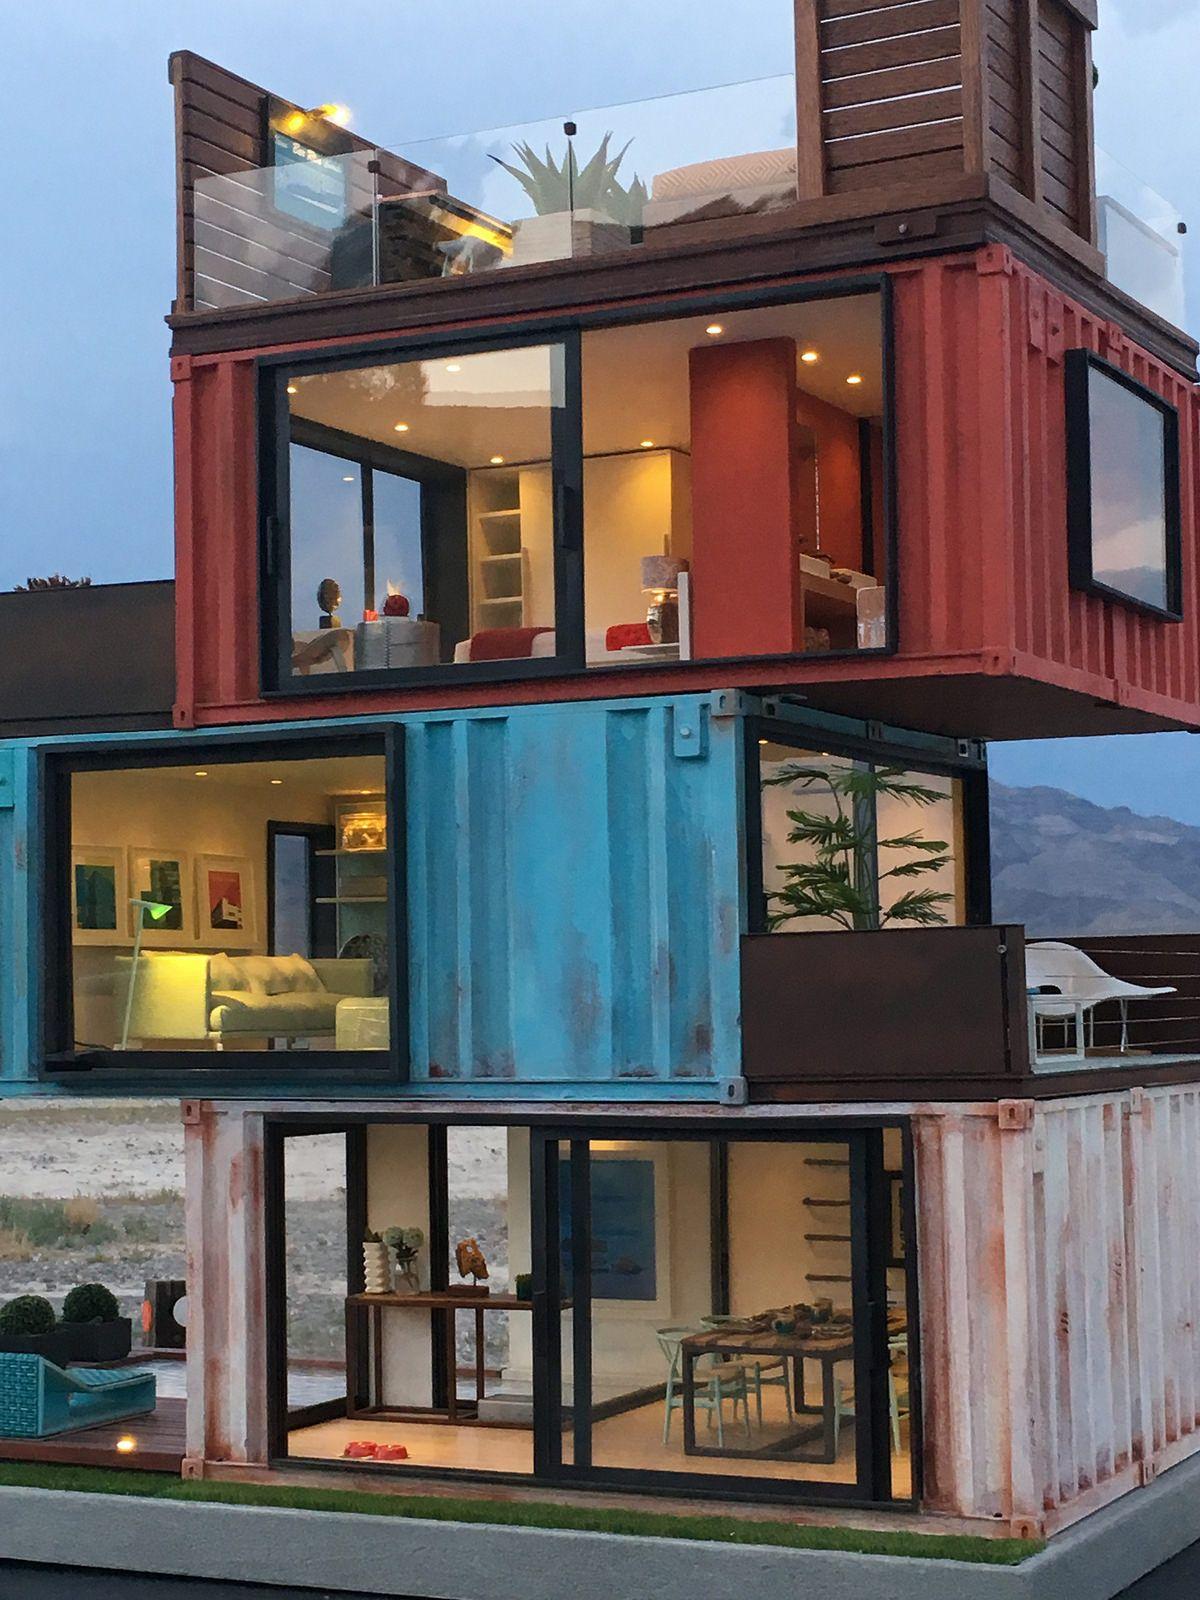 Casa de madrid a residence case study of cargotecture in - Casa con contenedores maritimos ...